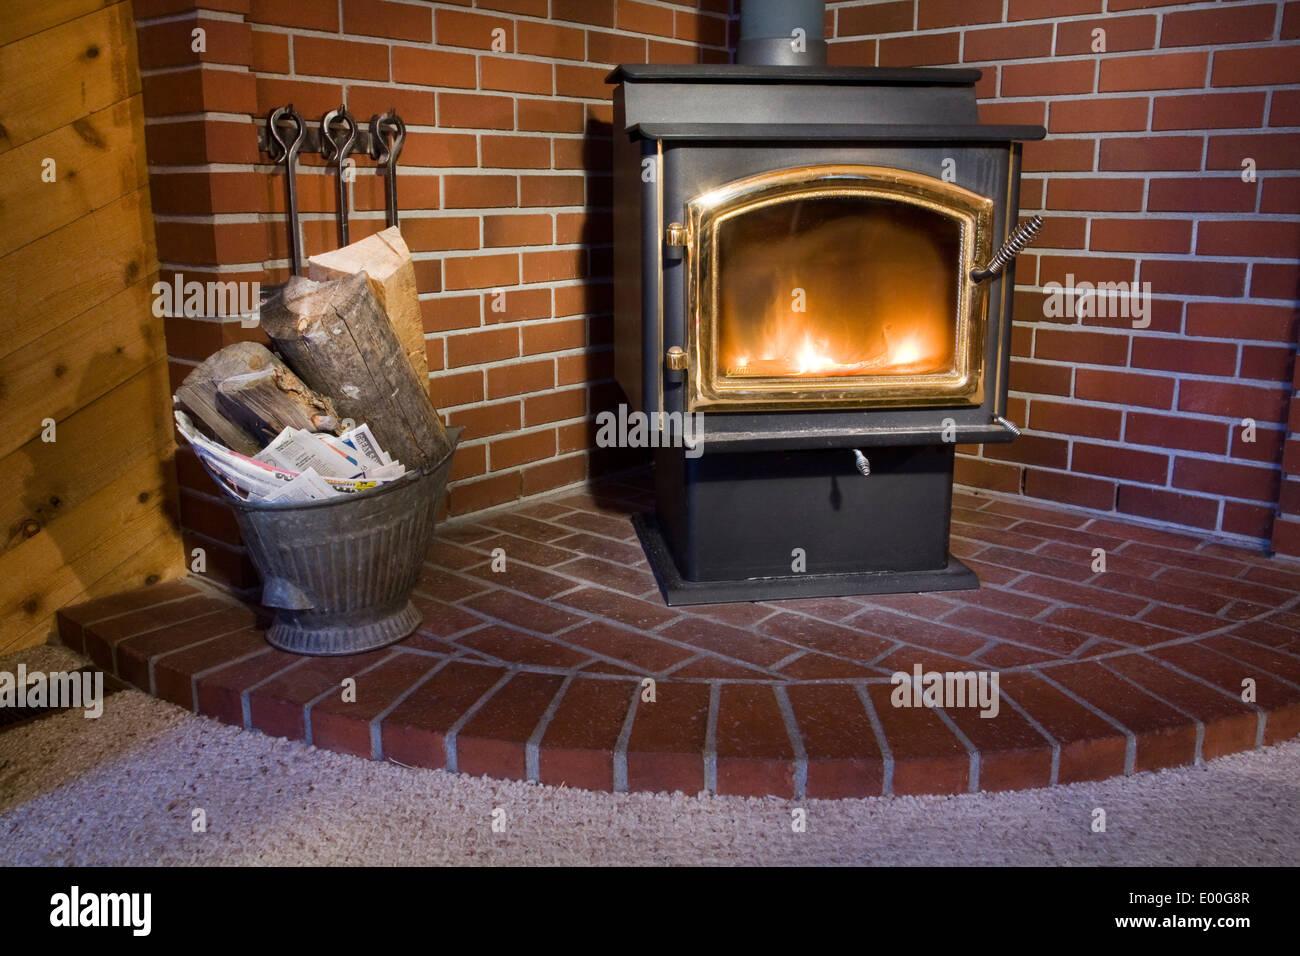 Detail Eines Holz Brennenden Ofen Im Wohnzimmer Eines Holzernen